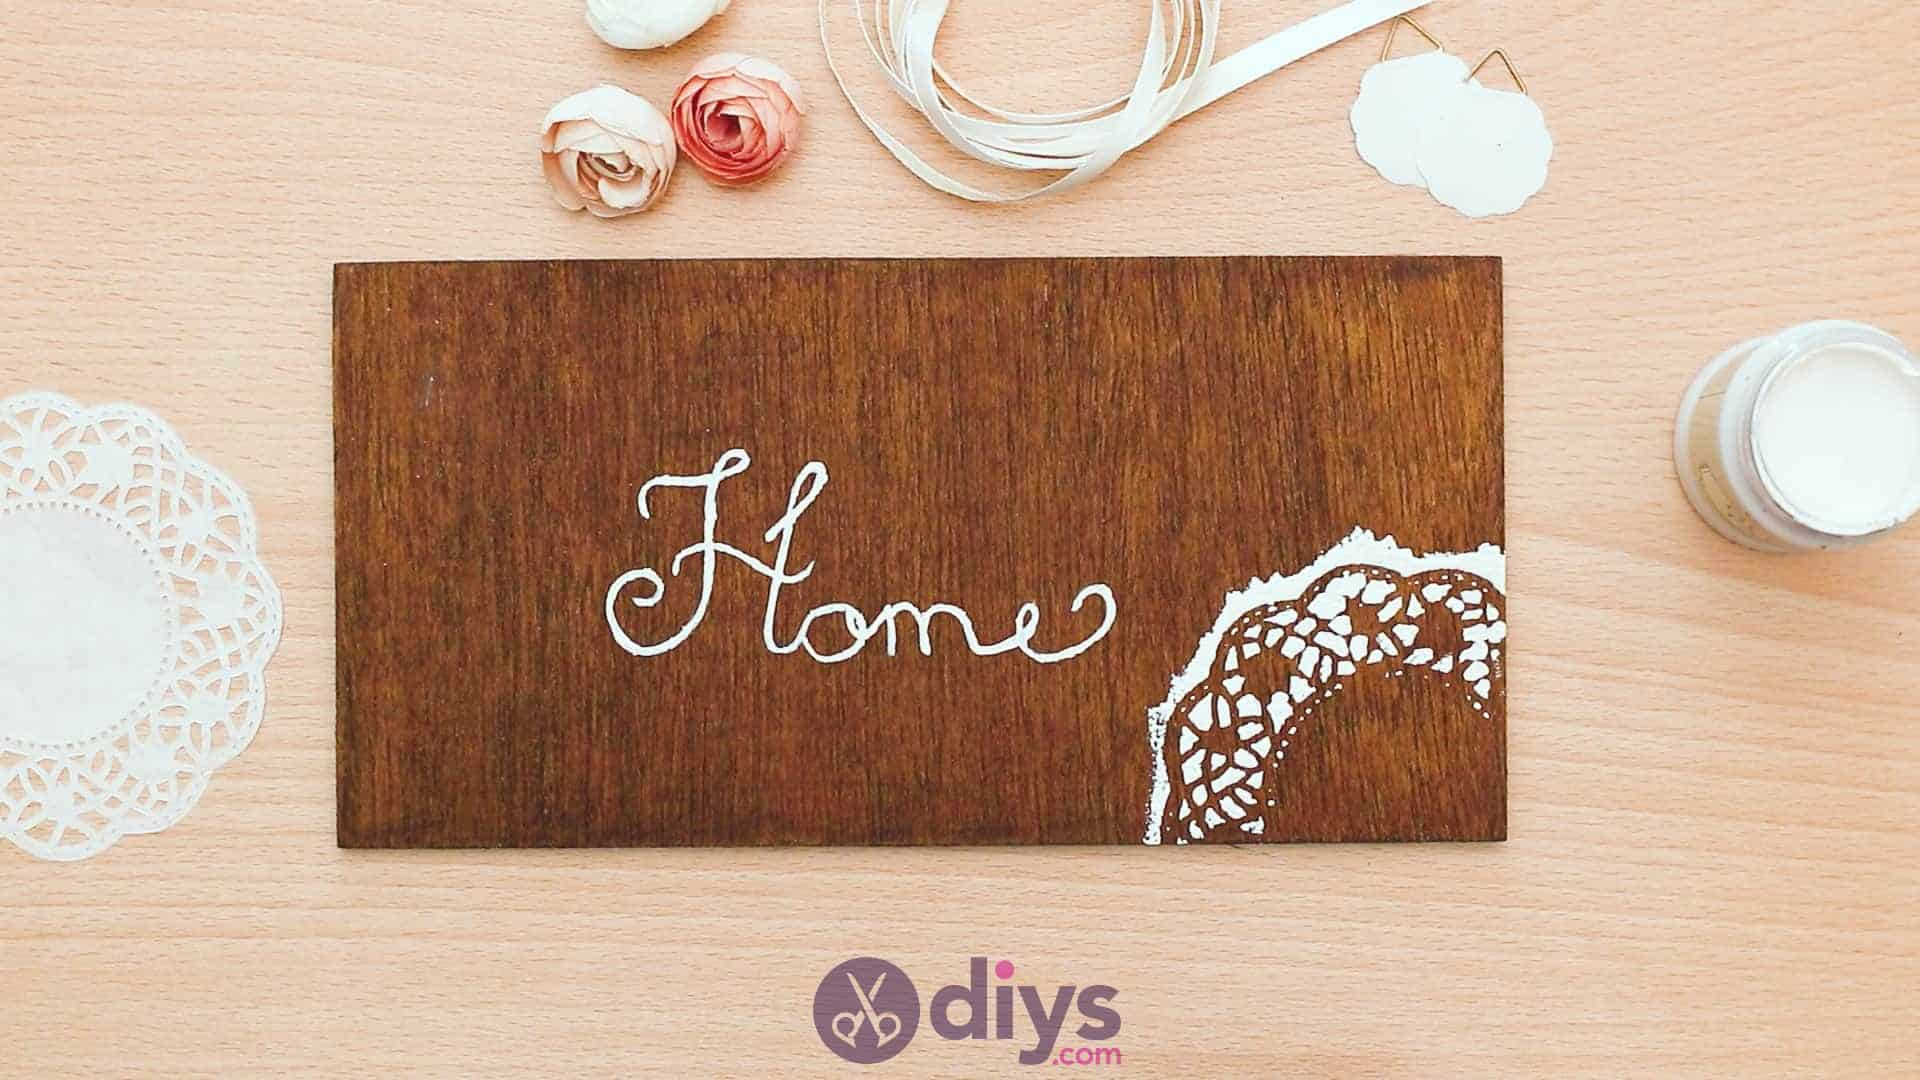 Diy wooden door sign step 4c